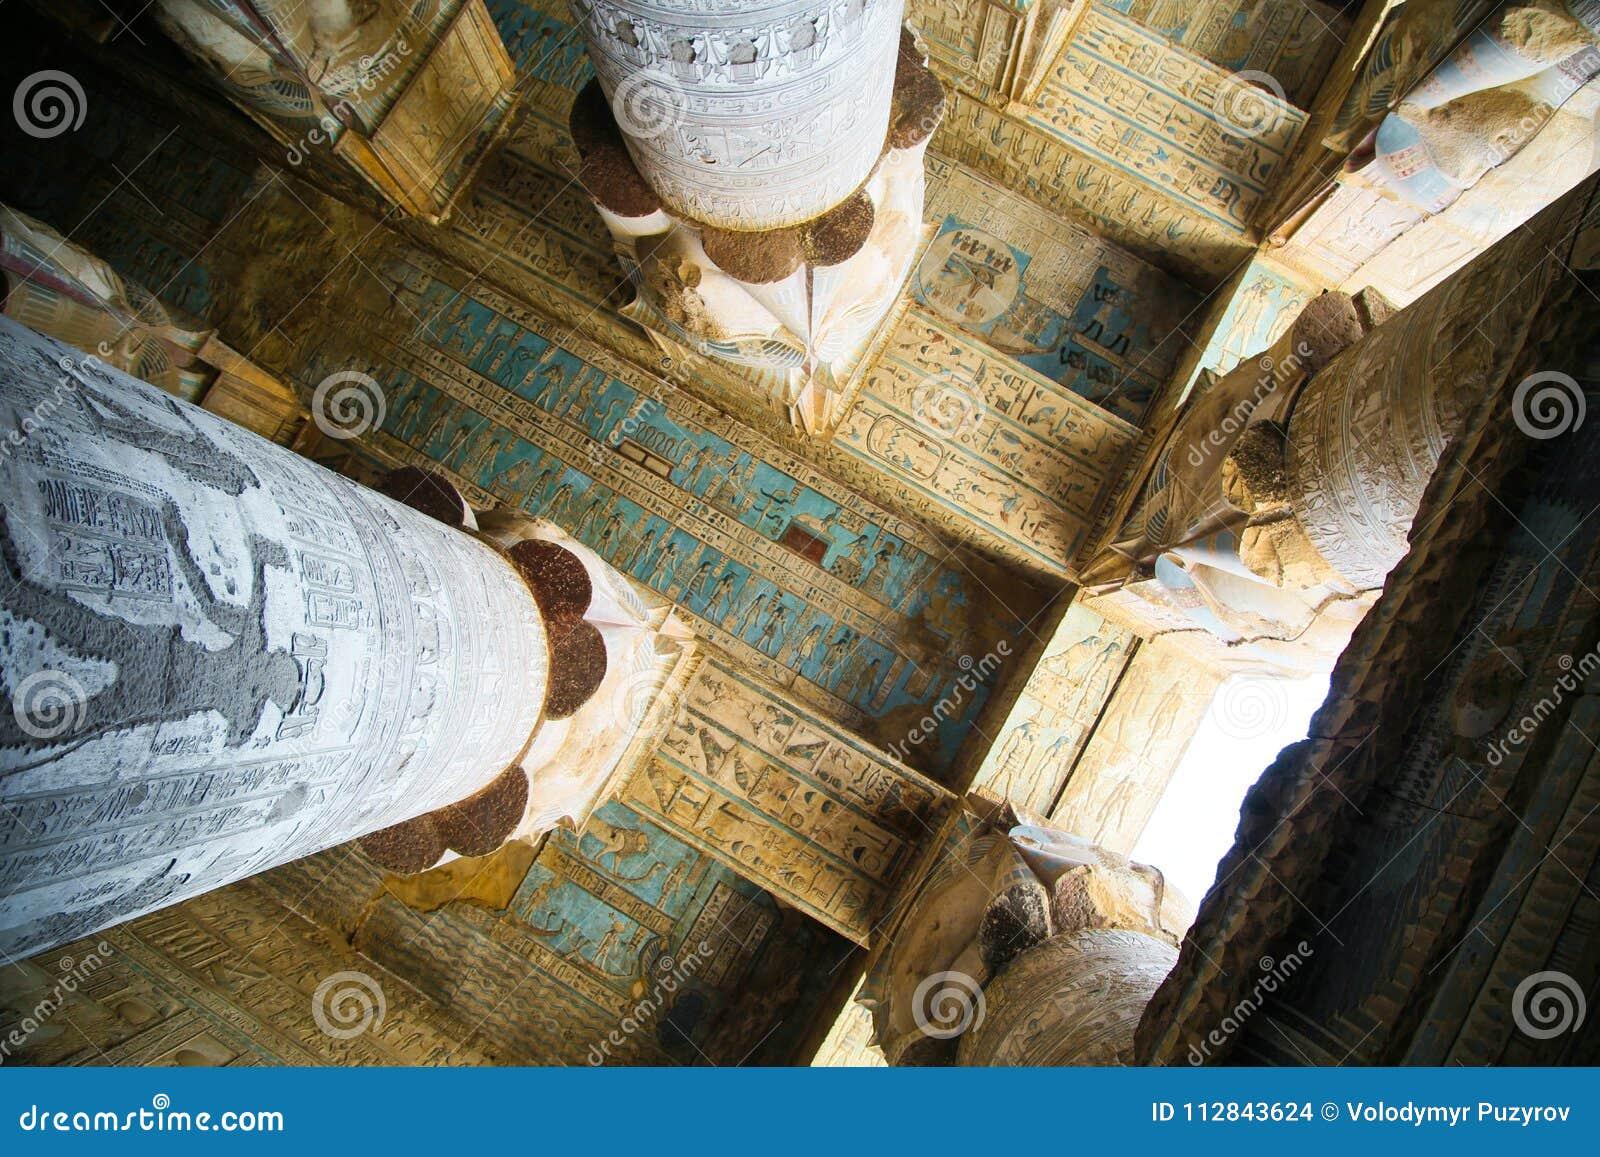 Hieroglyphen und Zeichnungen im Tempel von Hatshepsut